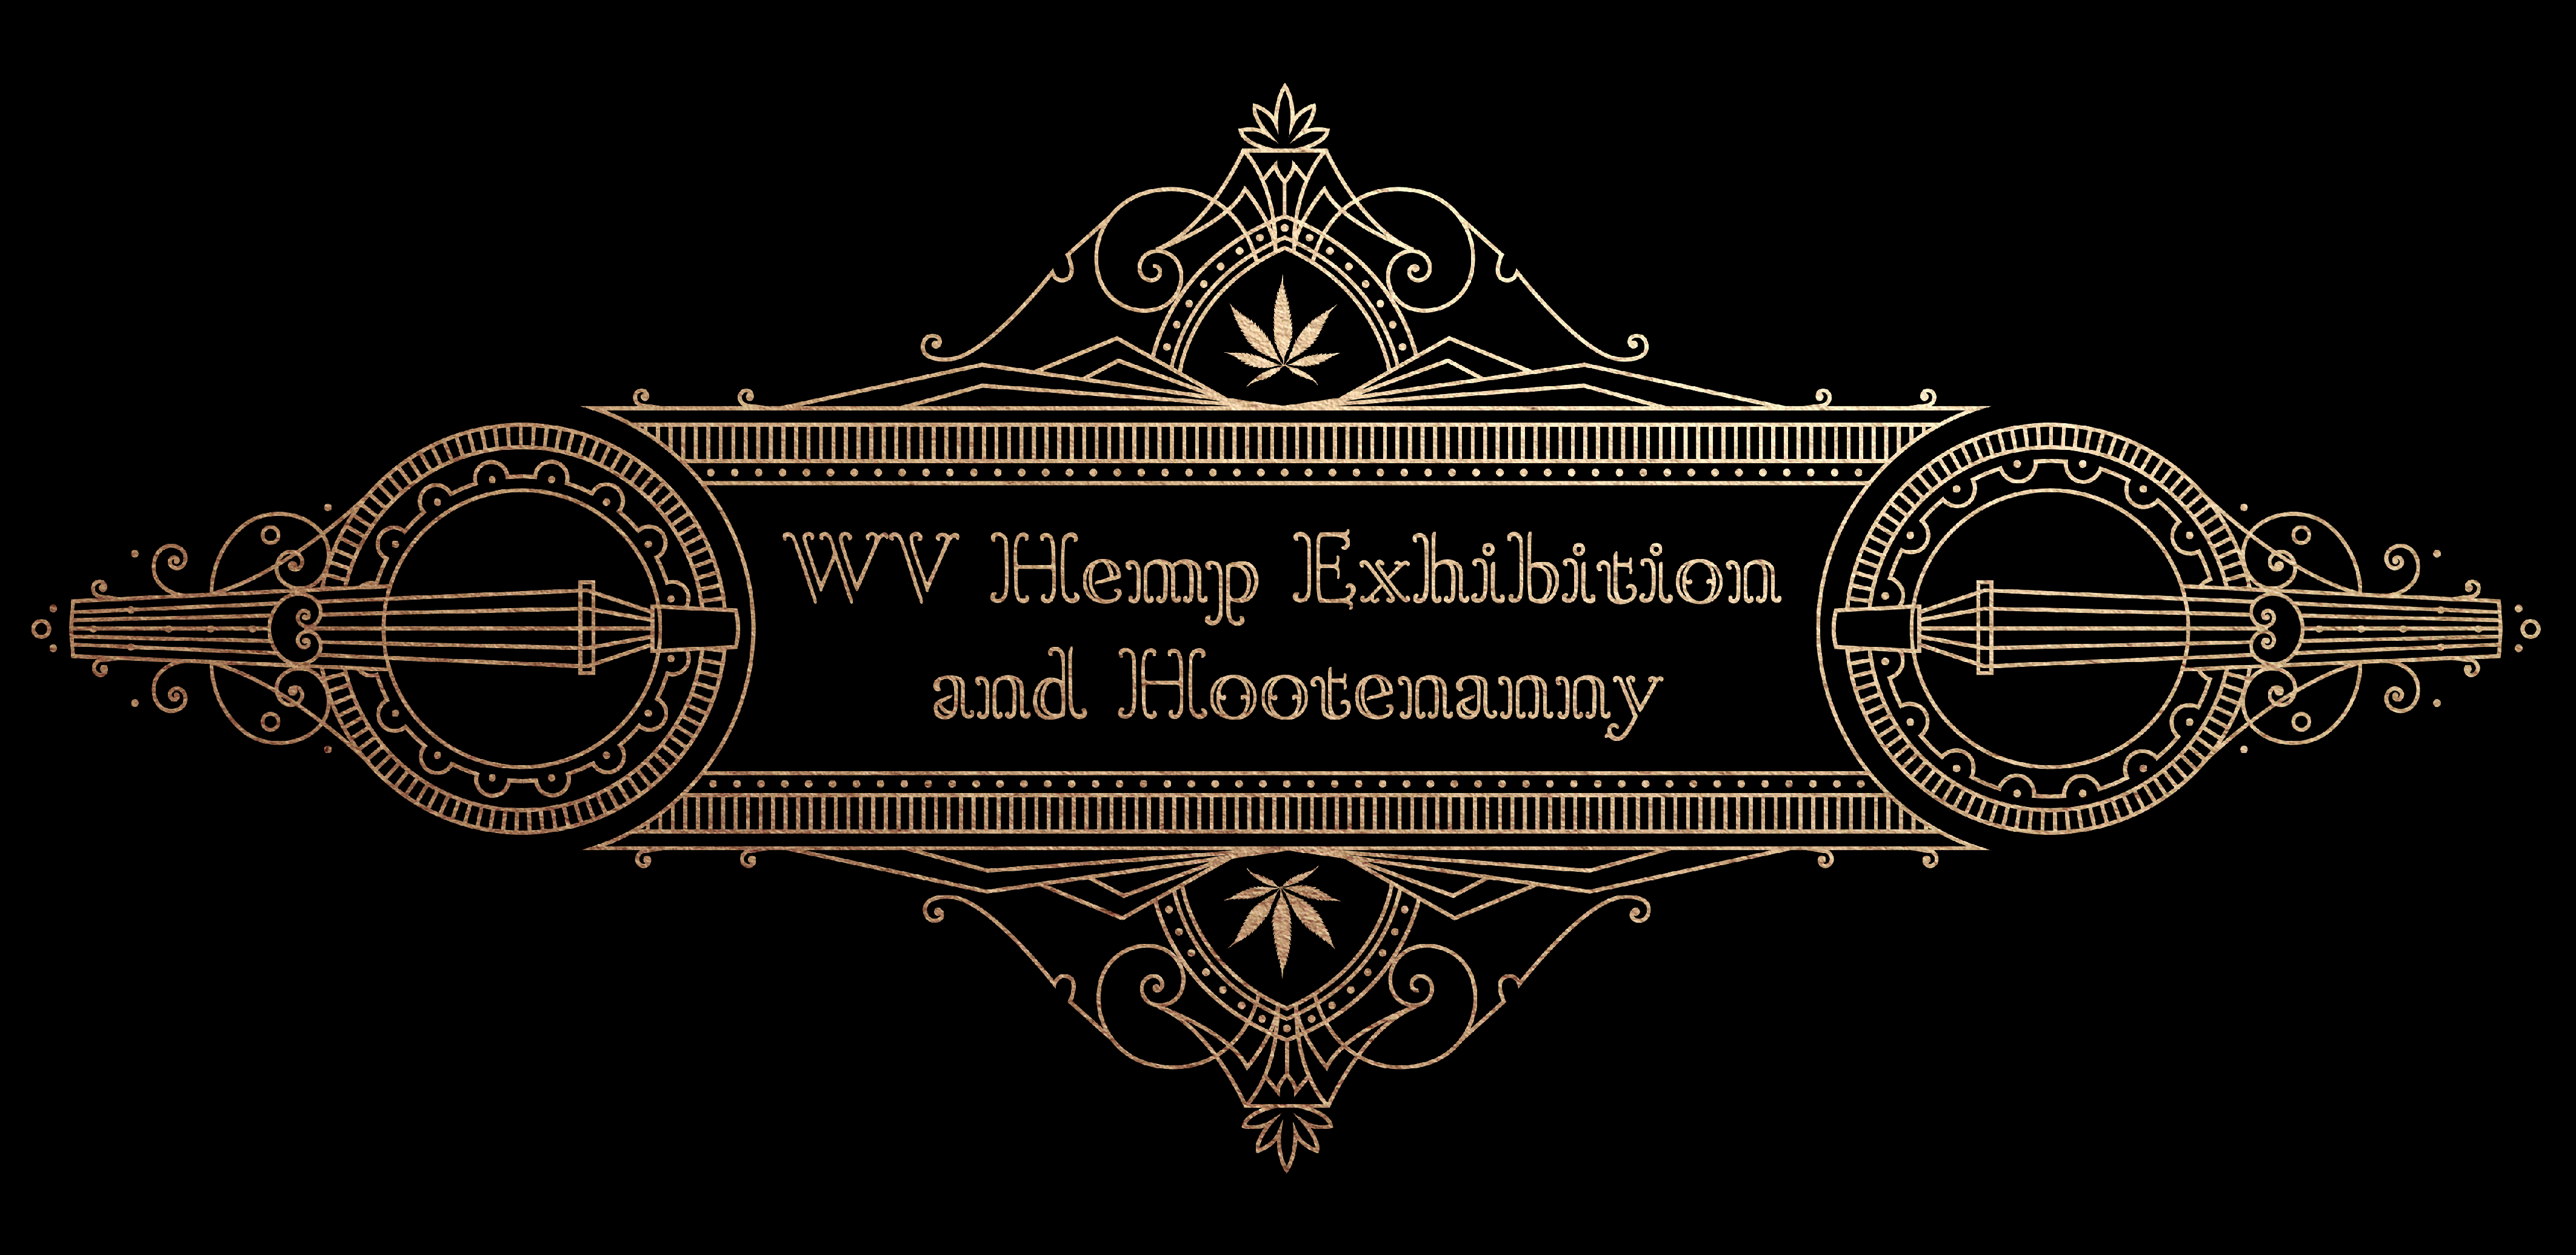 WV Hemp Exhibition & Hootenanny